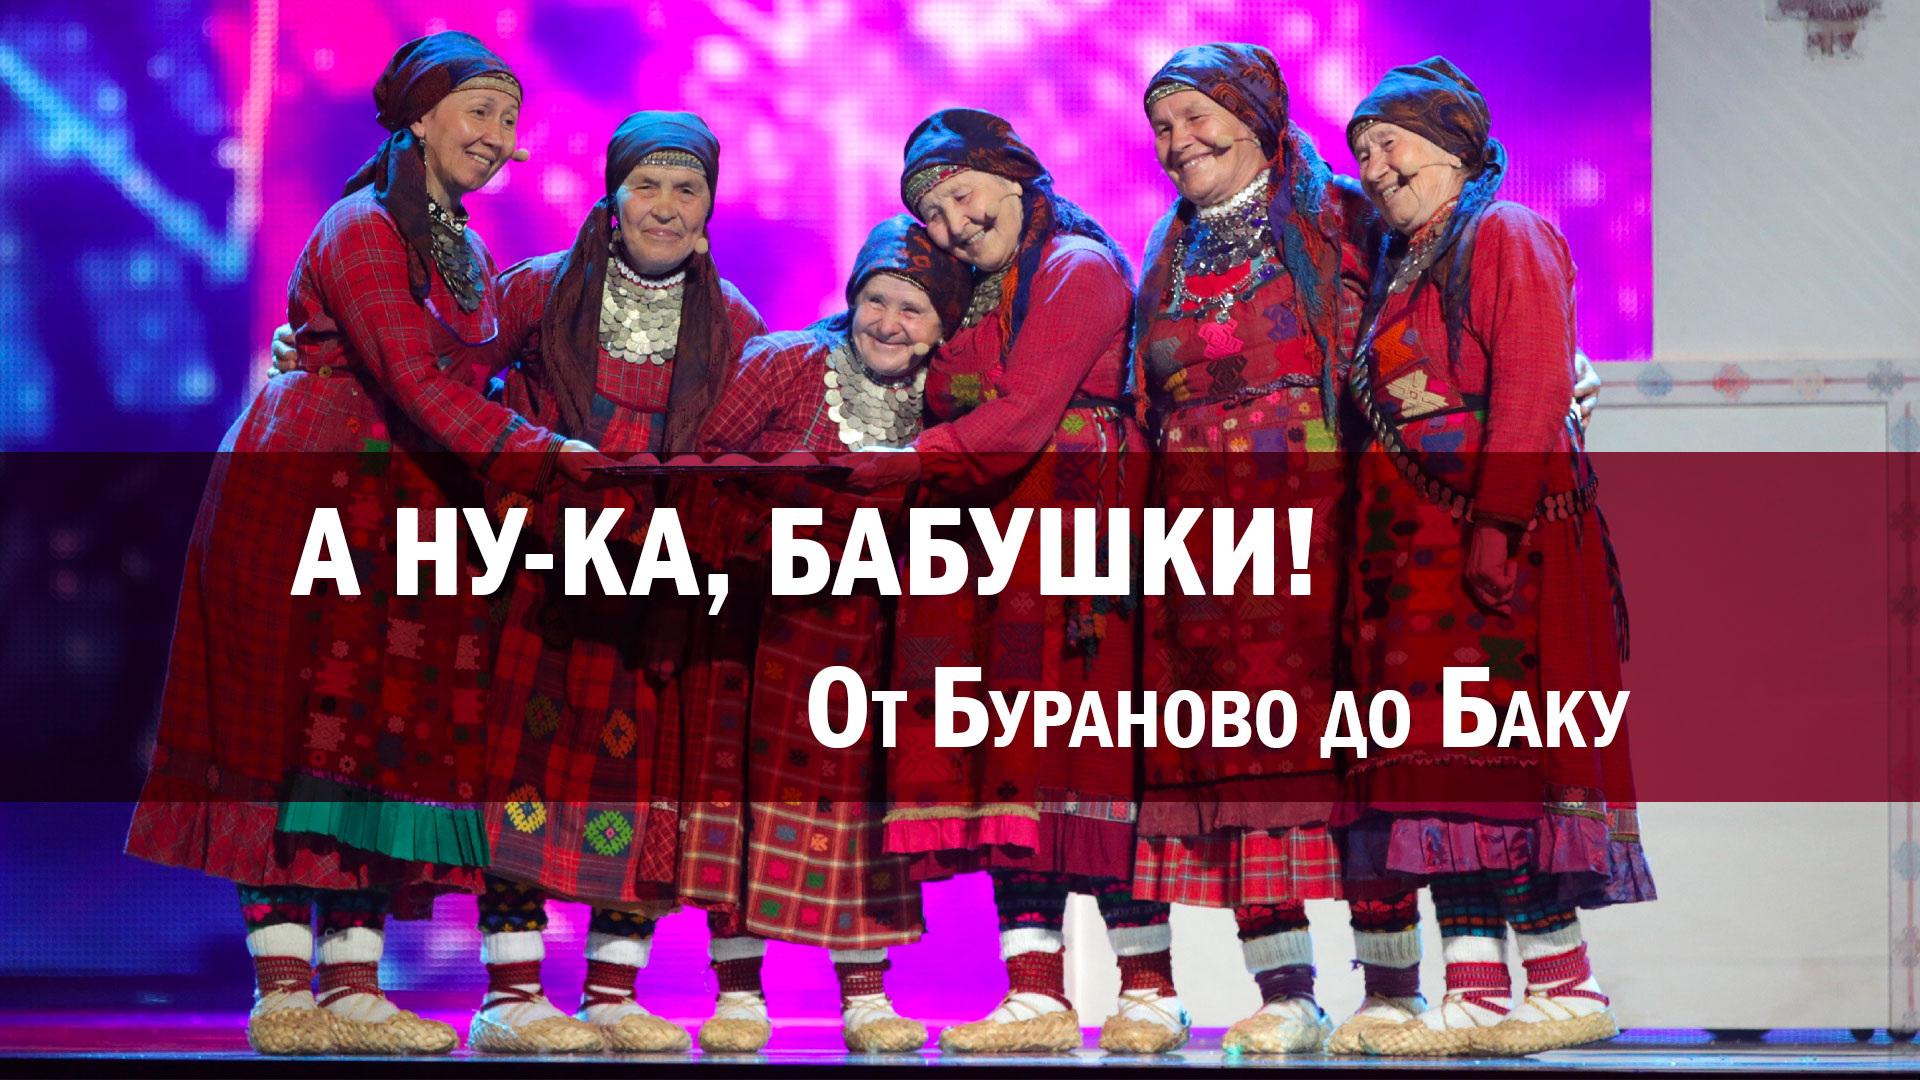 А ну-ка, бабушки! От Бураново до Баку